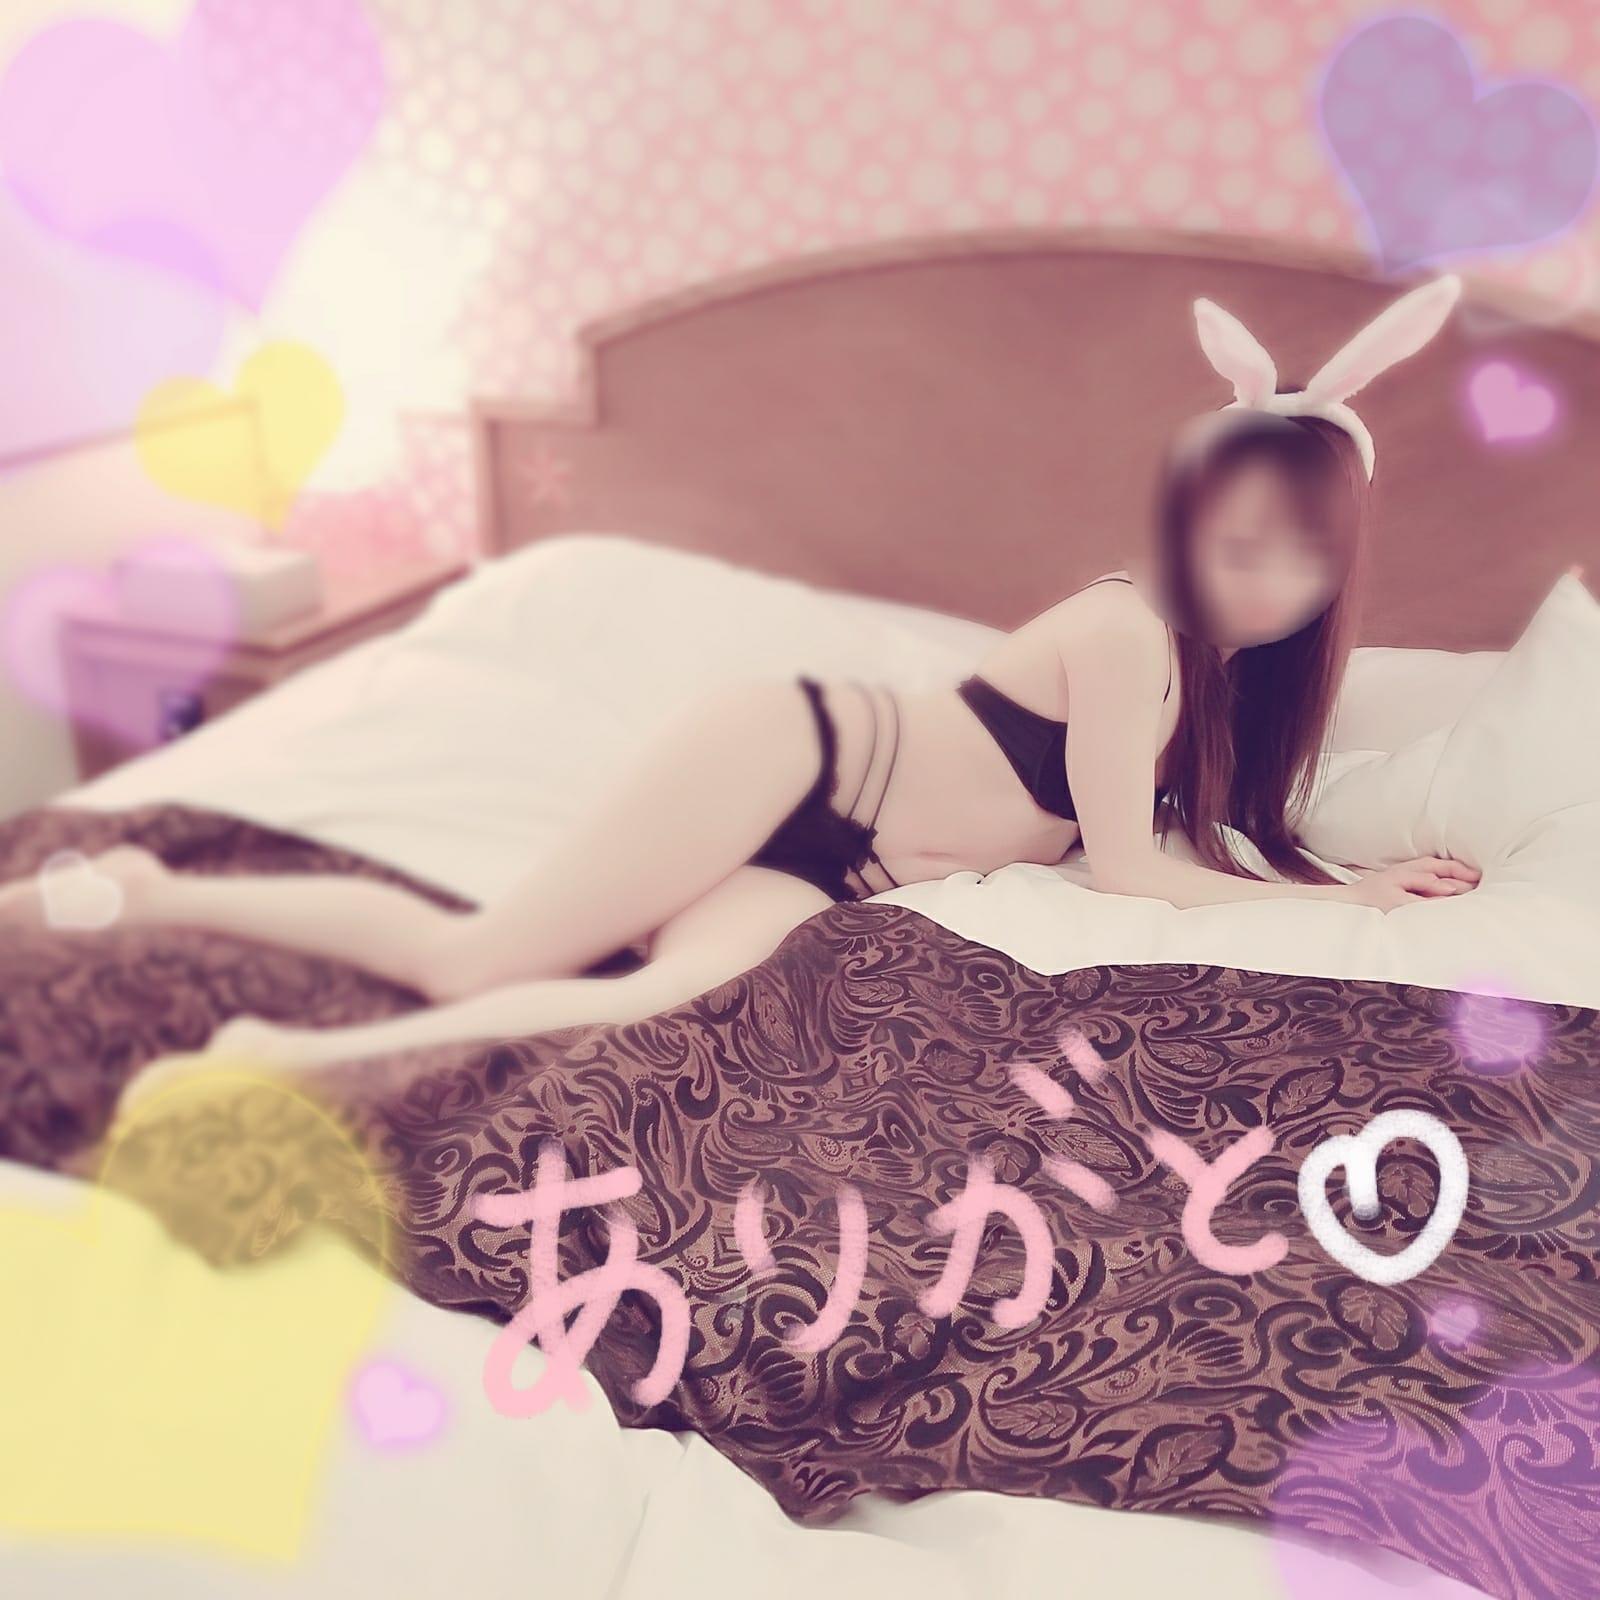 「るあんです♪」03/21(03/21) 17:07 | るあんの写メ・風俗動画